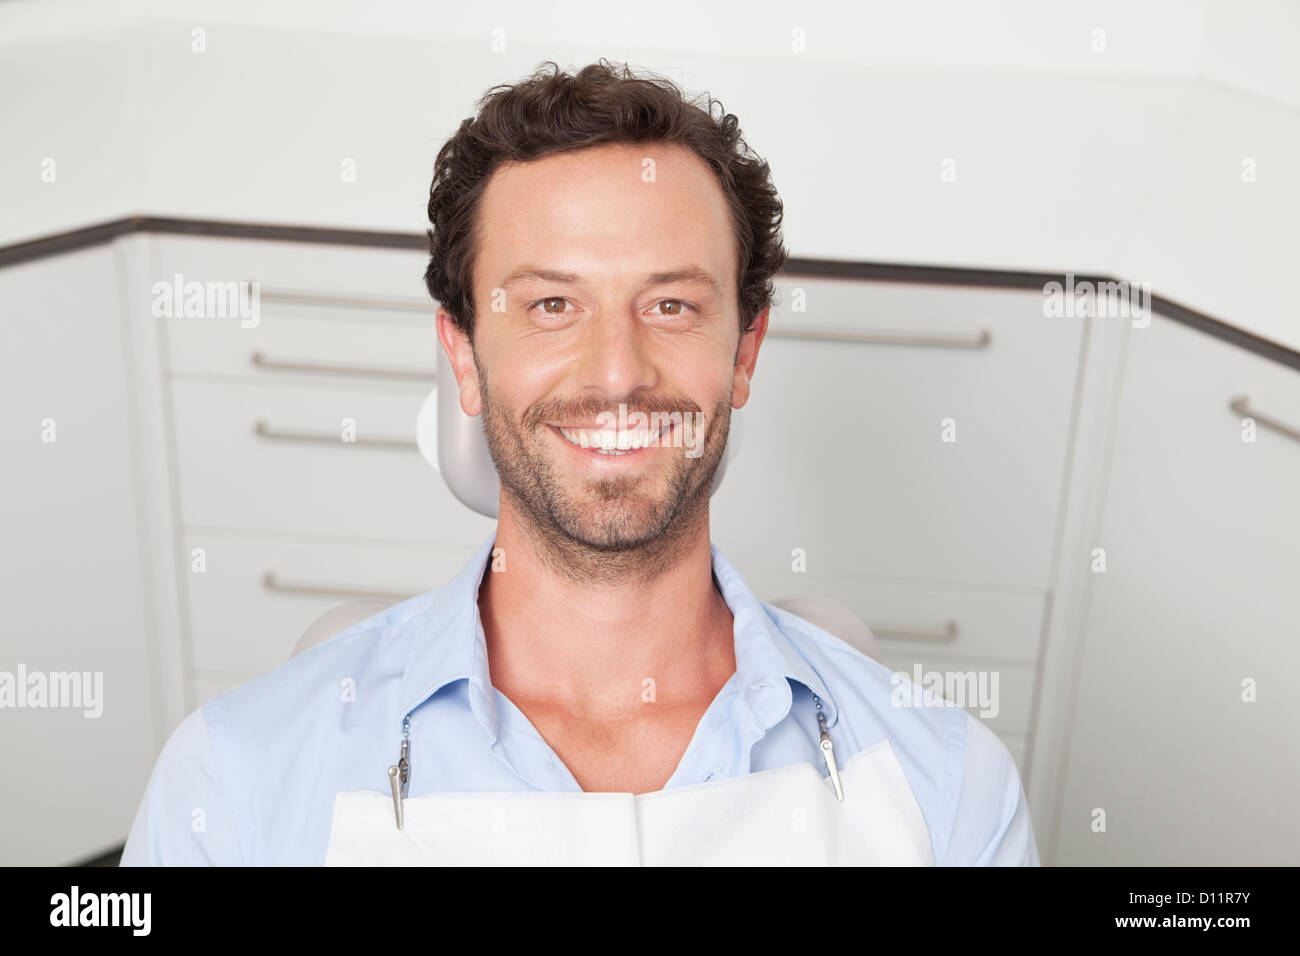 Germania, Paziente in studio dentistico Immagini Stock